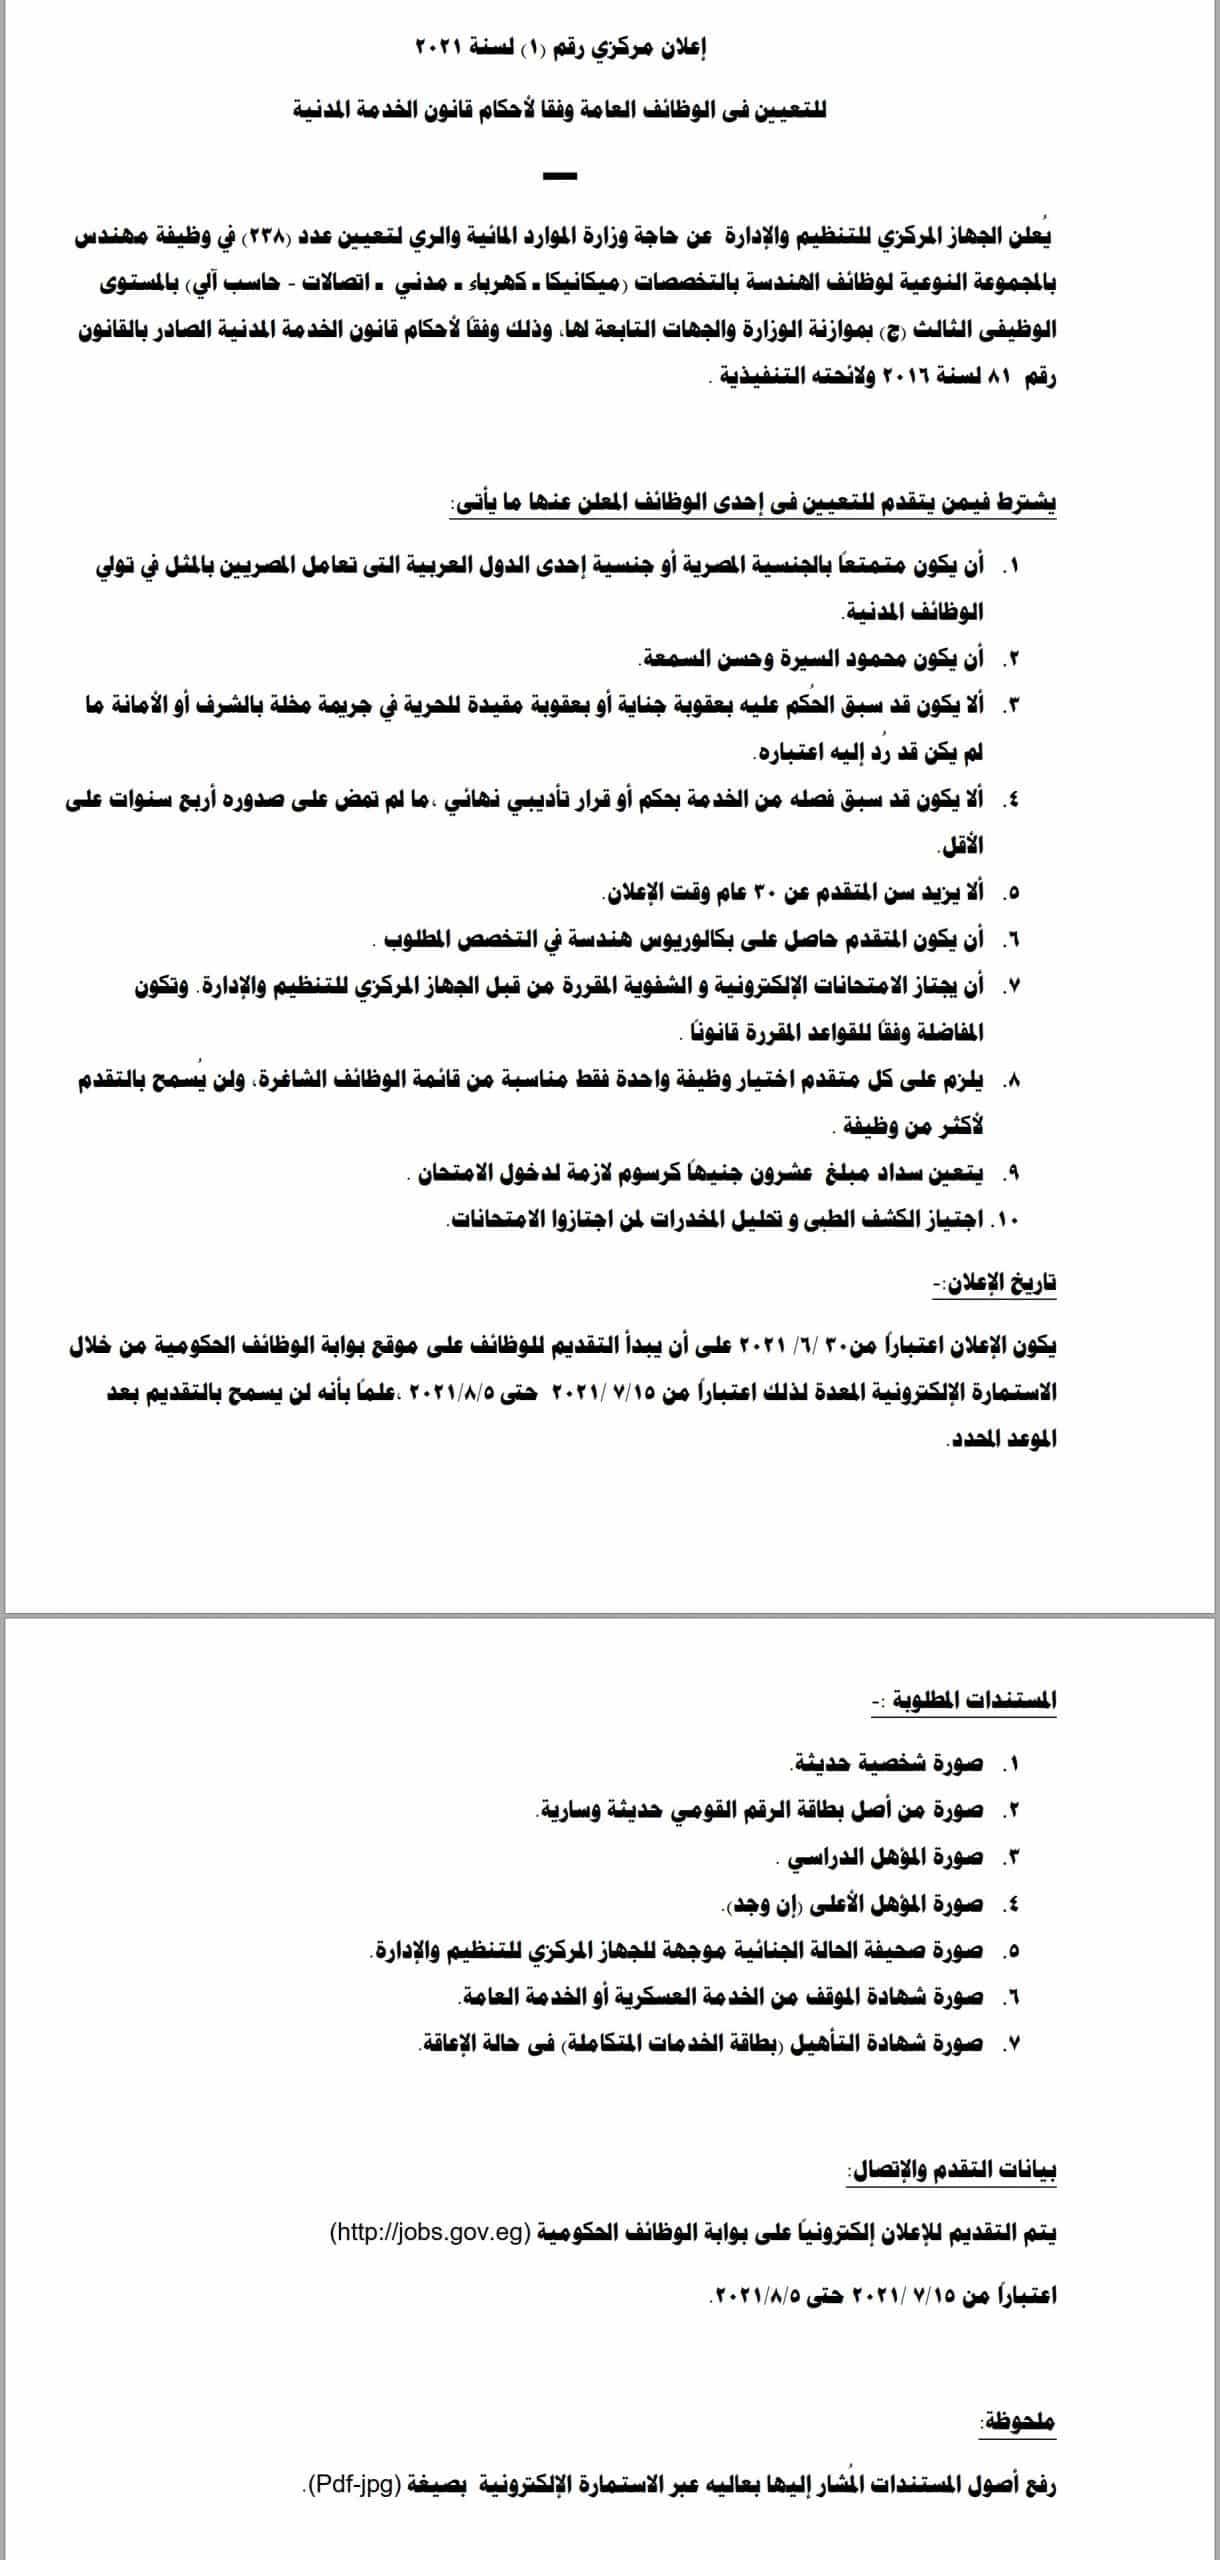 وظائف وزارة الري والموارد المائية بالقاهرة والمحافظات تعيينات اغسطس 2021 لجميع المؤهلات